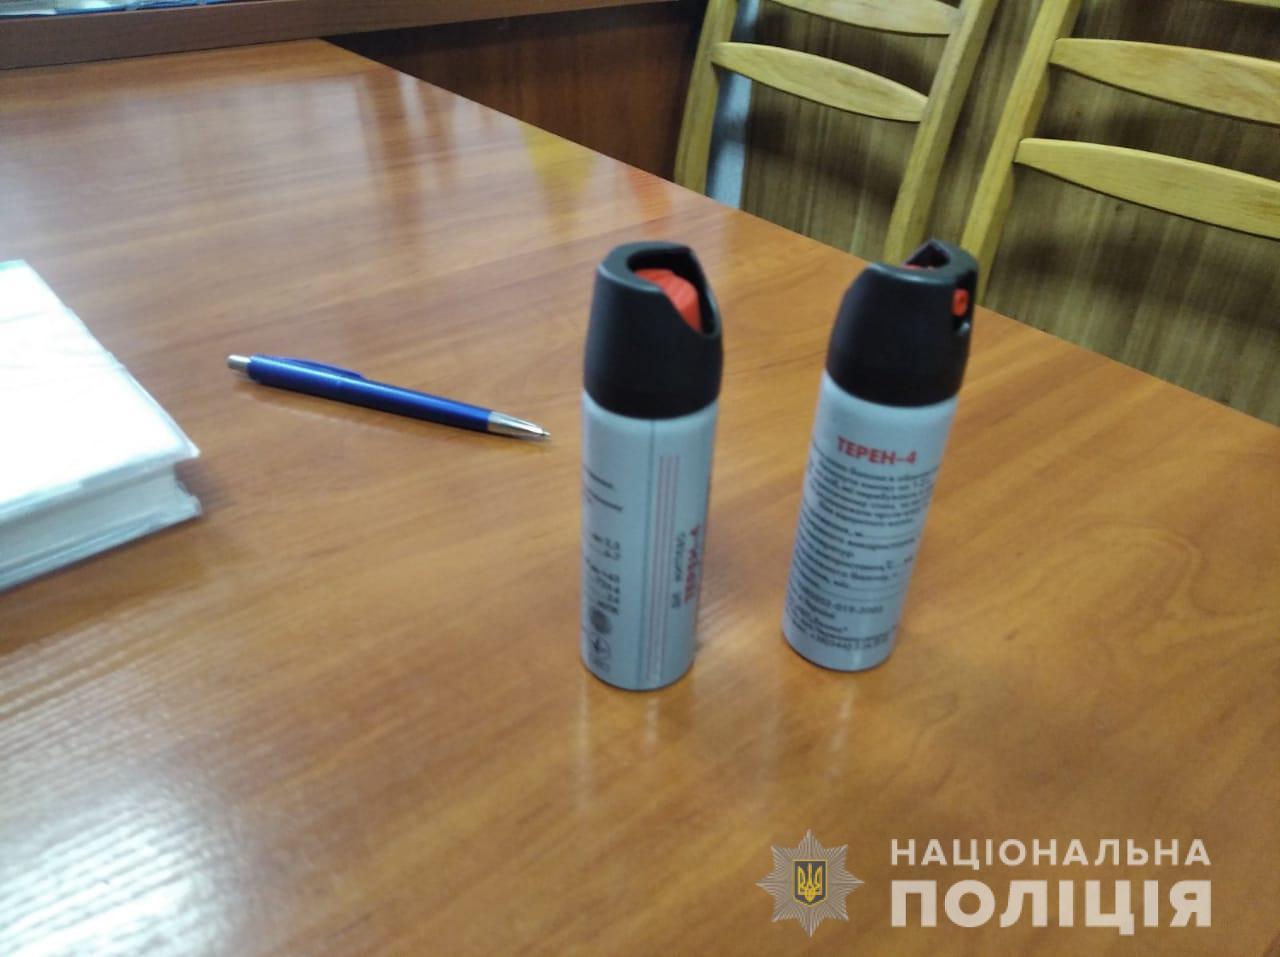 В школе под Киевом девятиклассники устроили дуэль. Есть пострадавшие